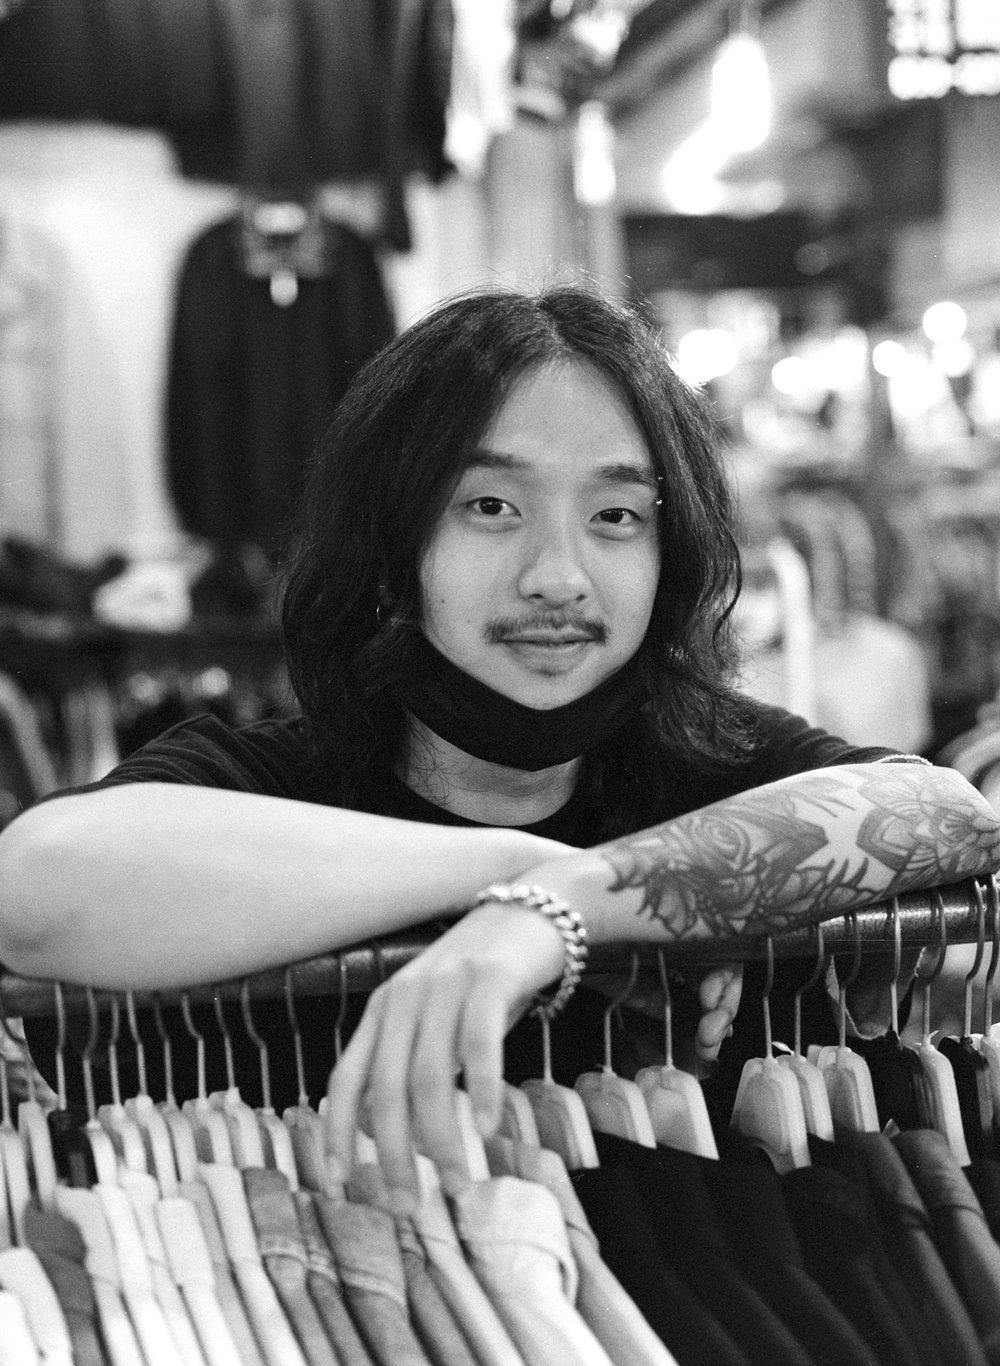 """2-김주현 (26) - """"돈을 모아야 좋은 것 같아요. 엄청 적게 벌어도 조금씩은 저축하는 습관이 필요하지 않을까.""""  Ju-hyun Kim (26) - """"It is good to save money. Even if you earn very little money, I think you need the habit of saving some of it."""""""